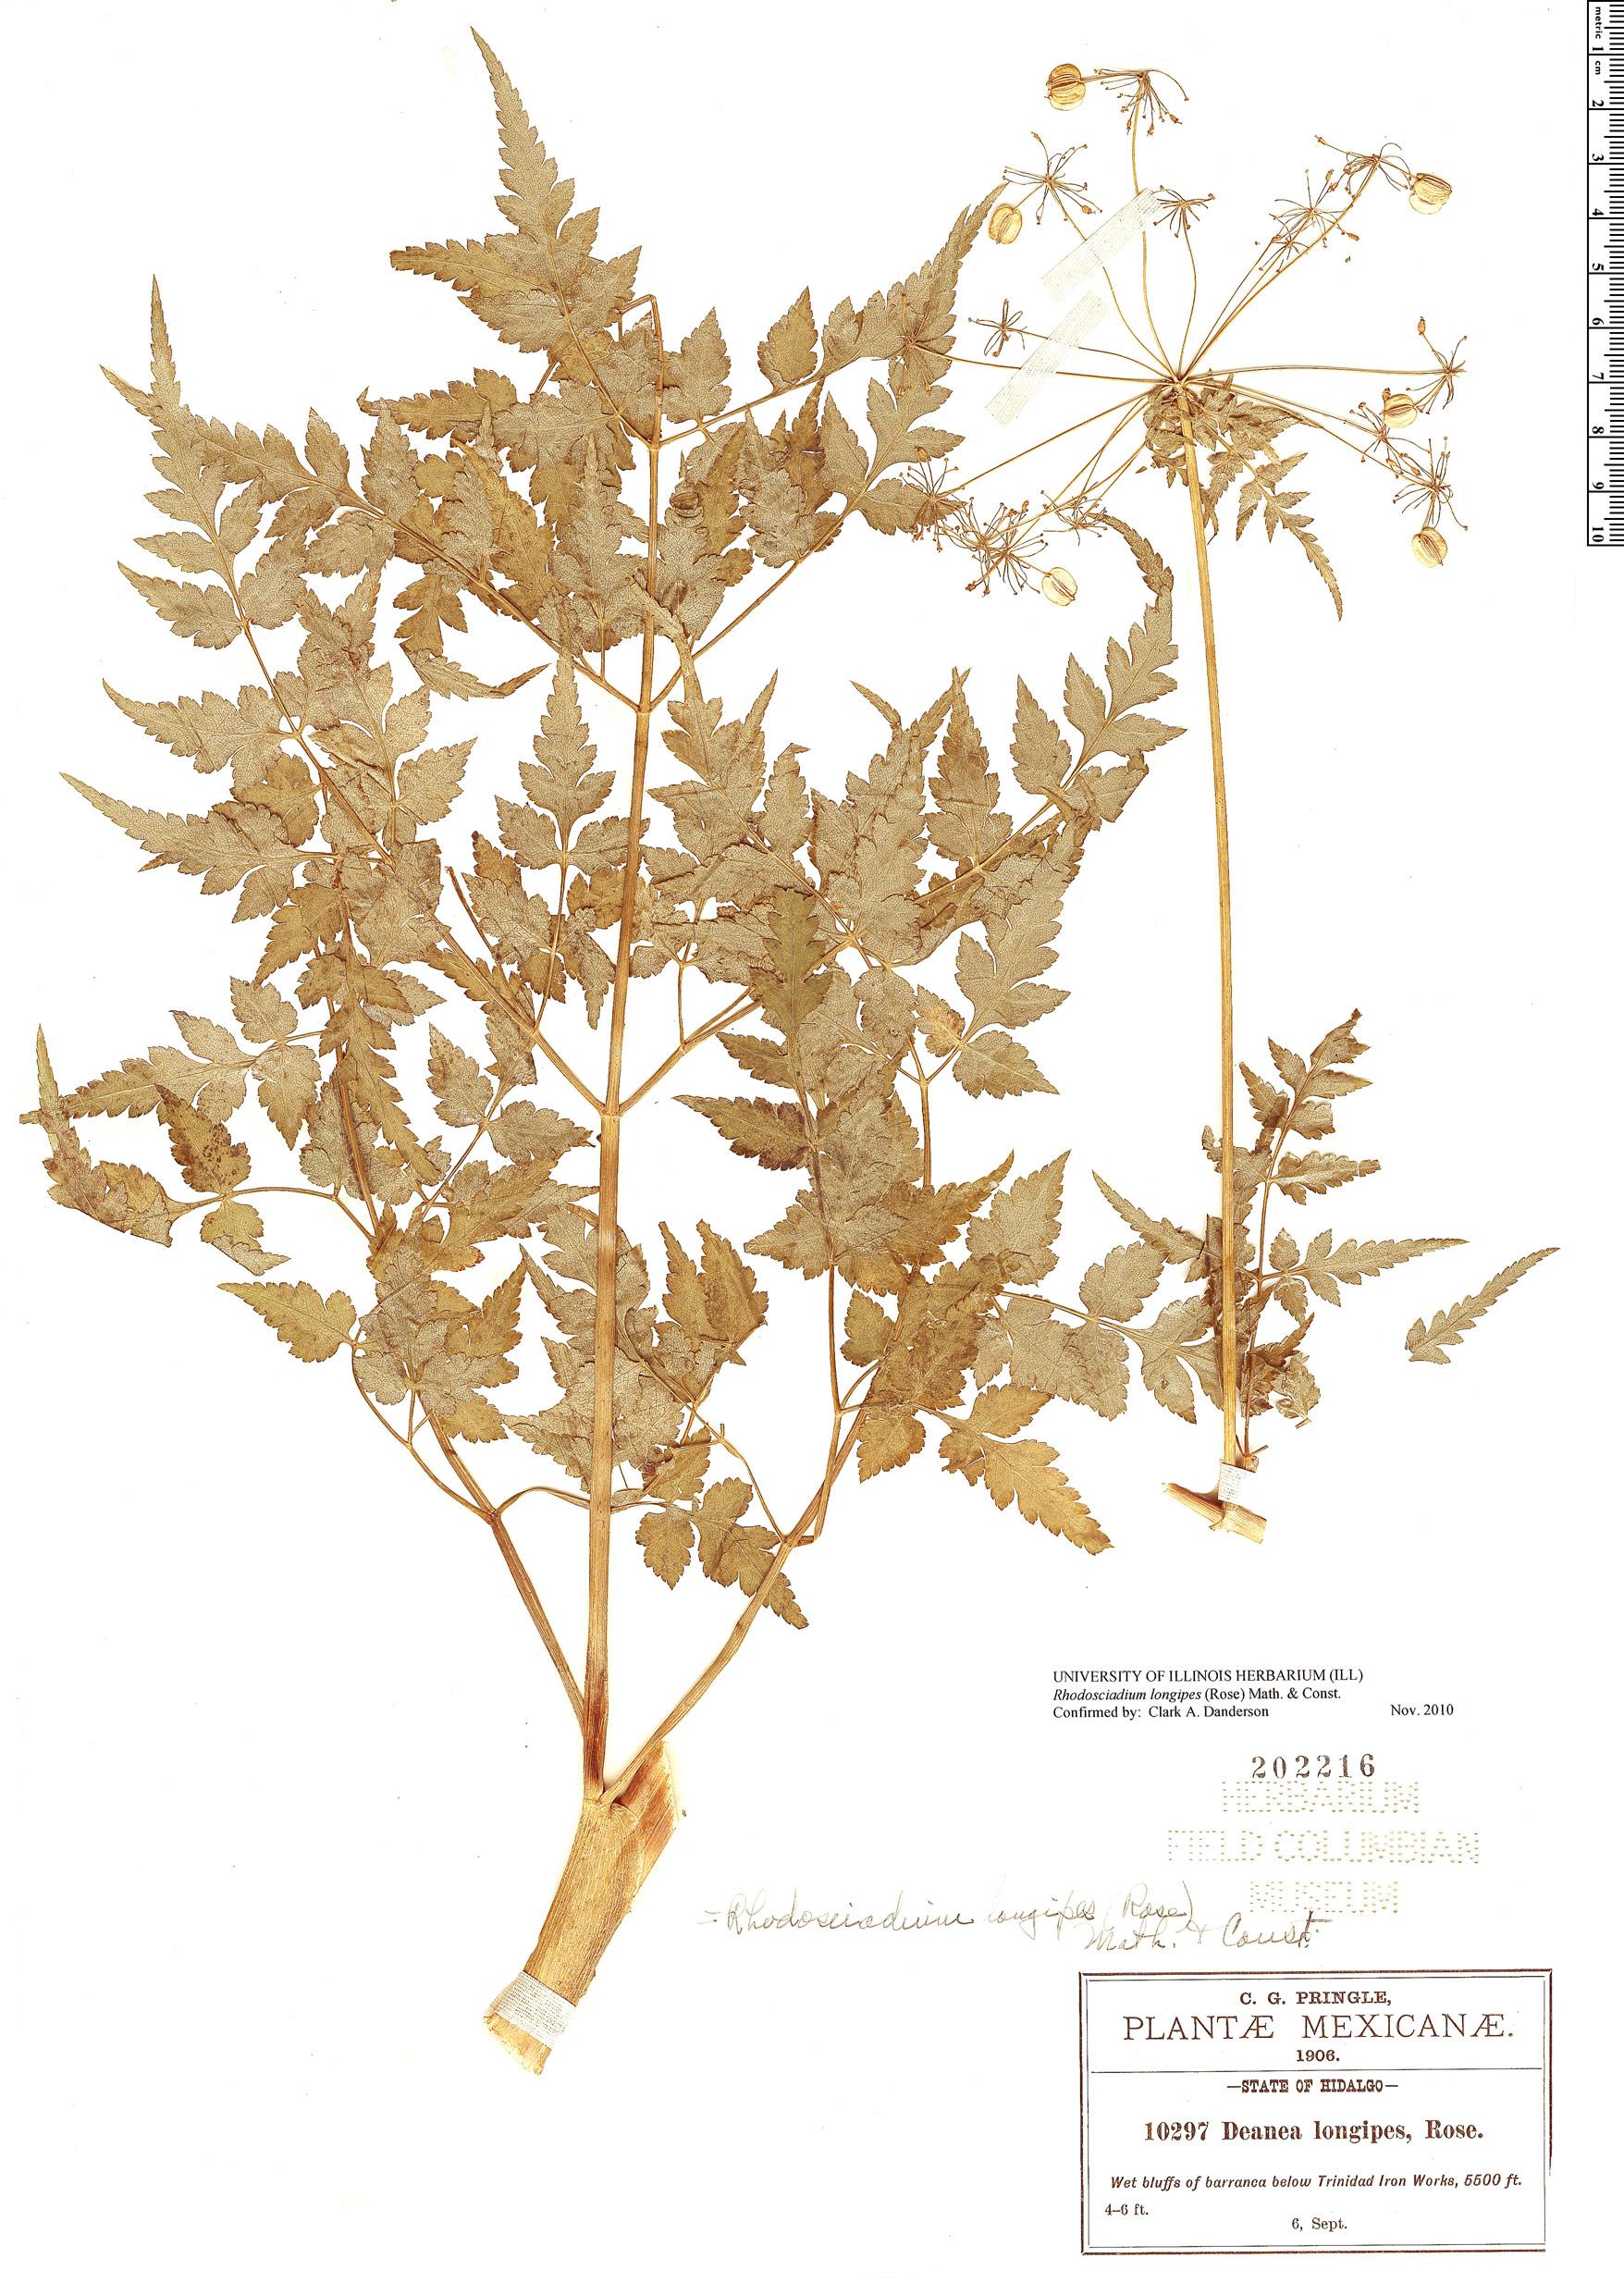 Specimen: Rhodosciadium longipes